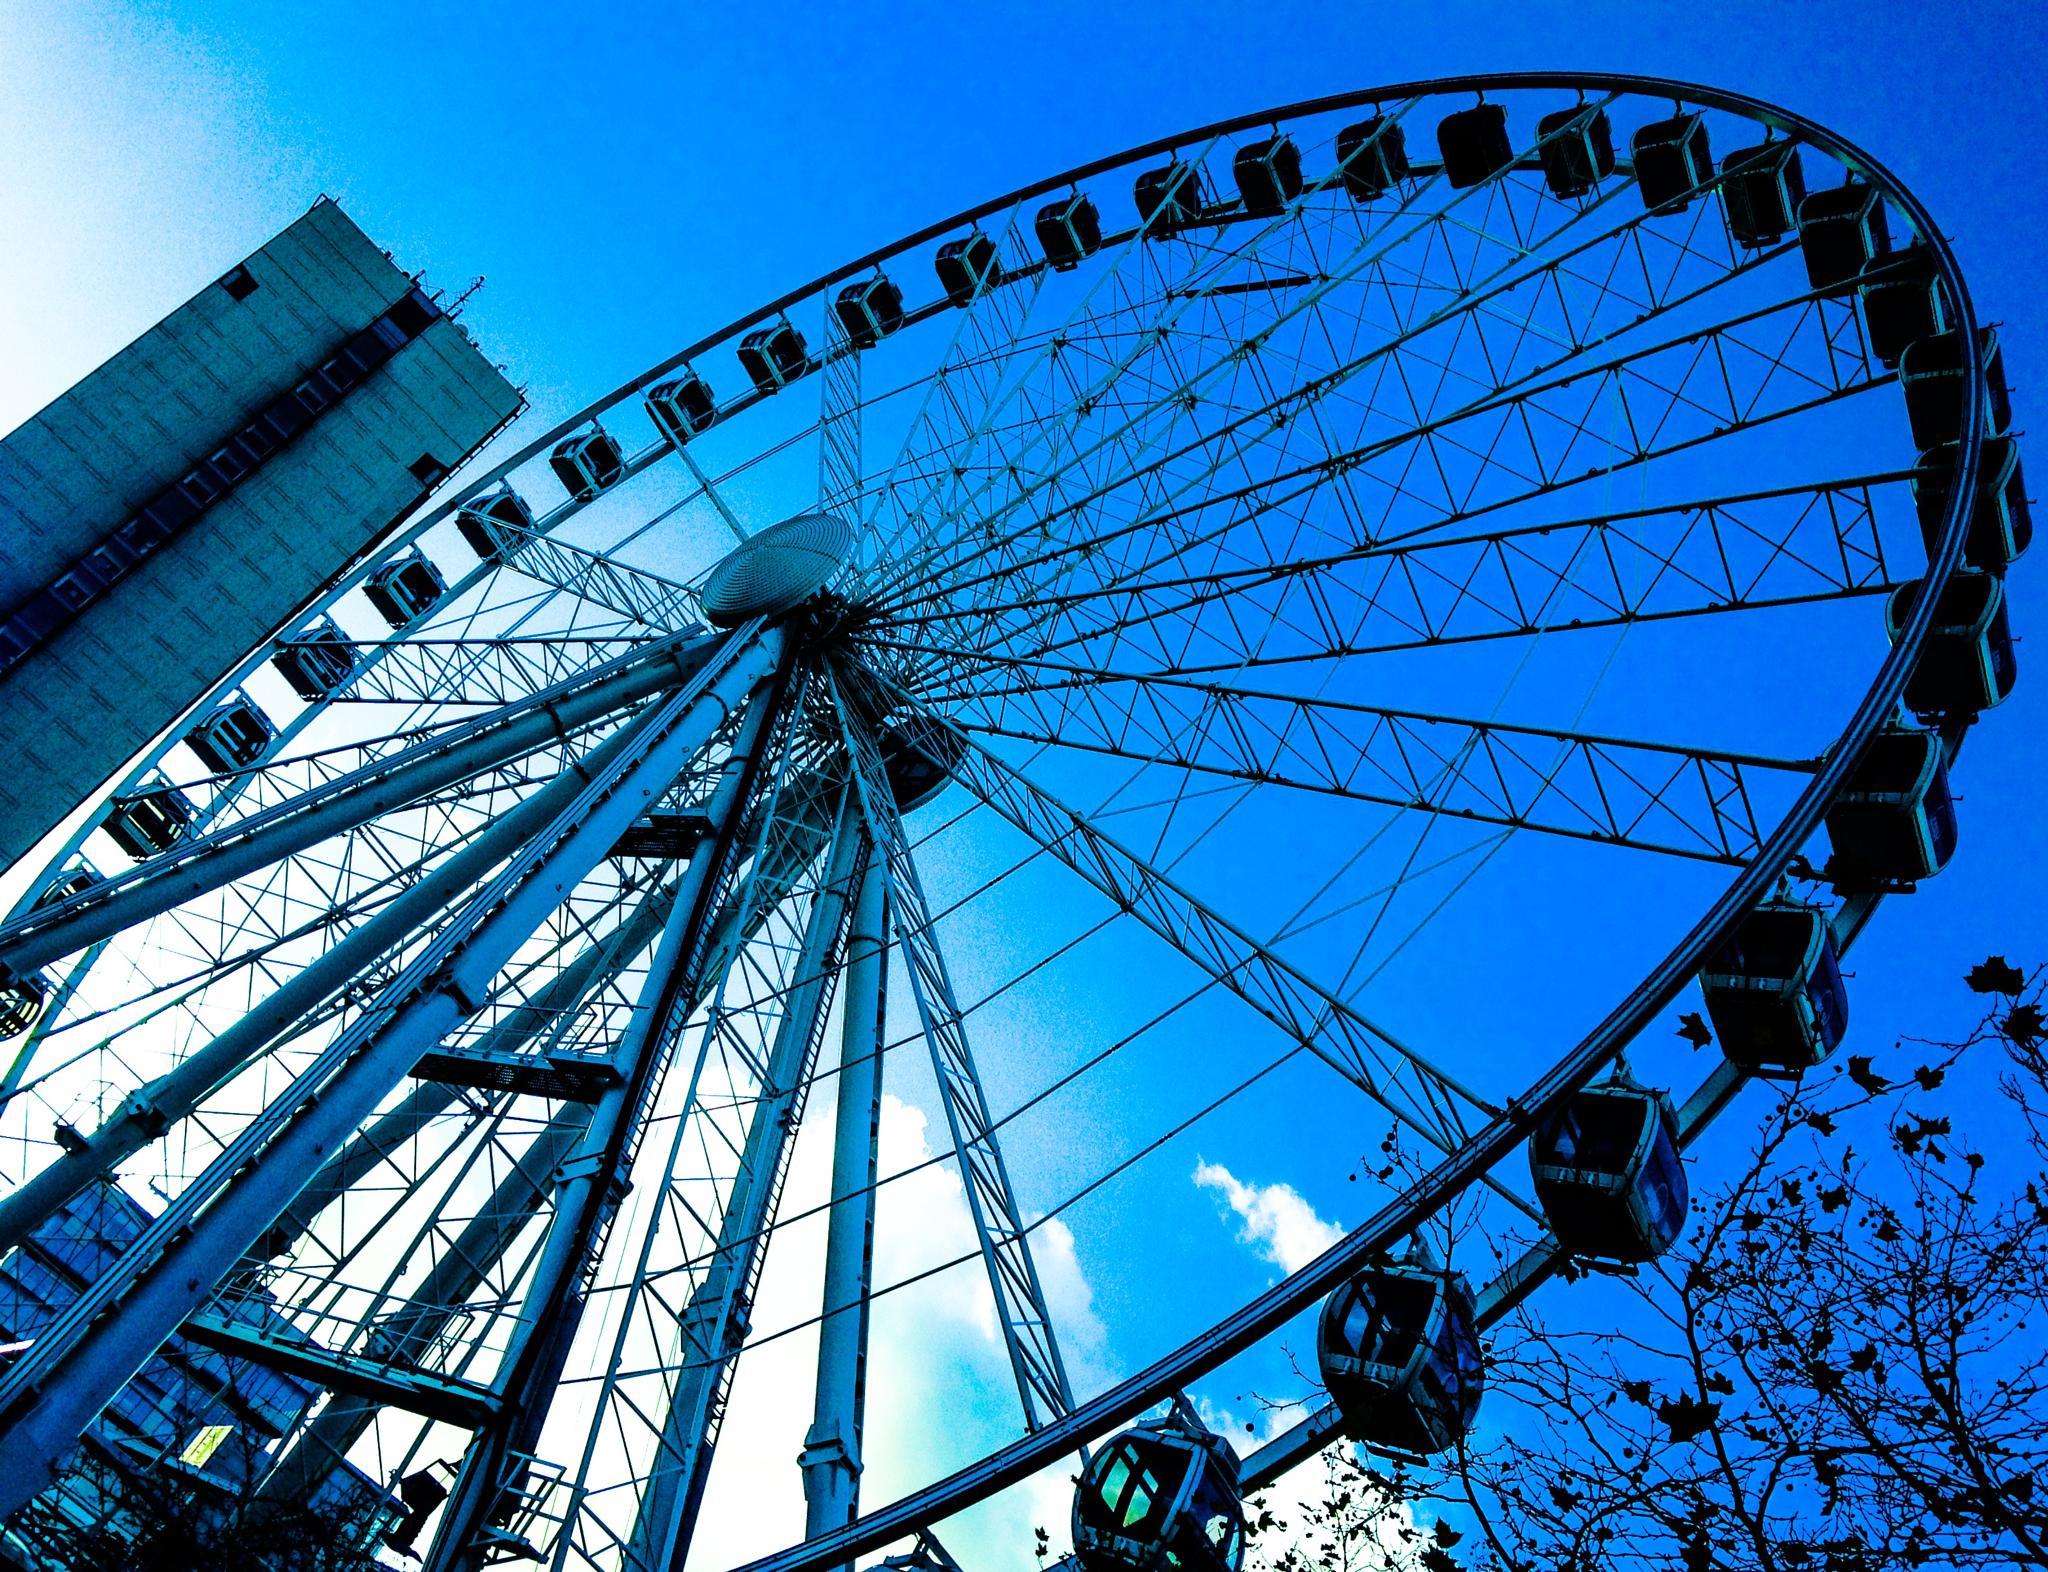 The Big Wheel by GaryMHough